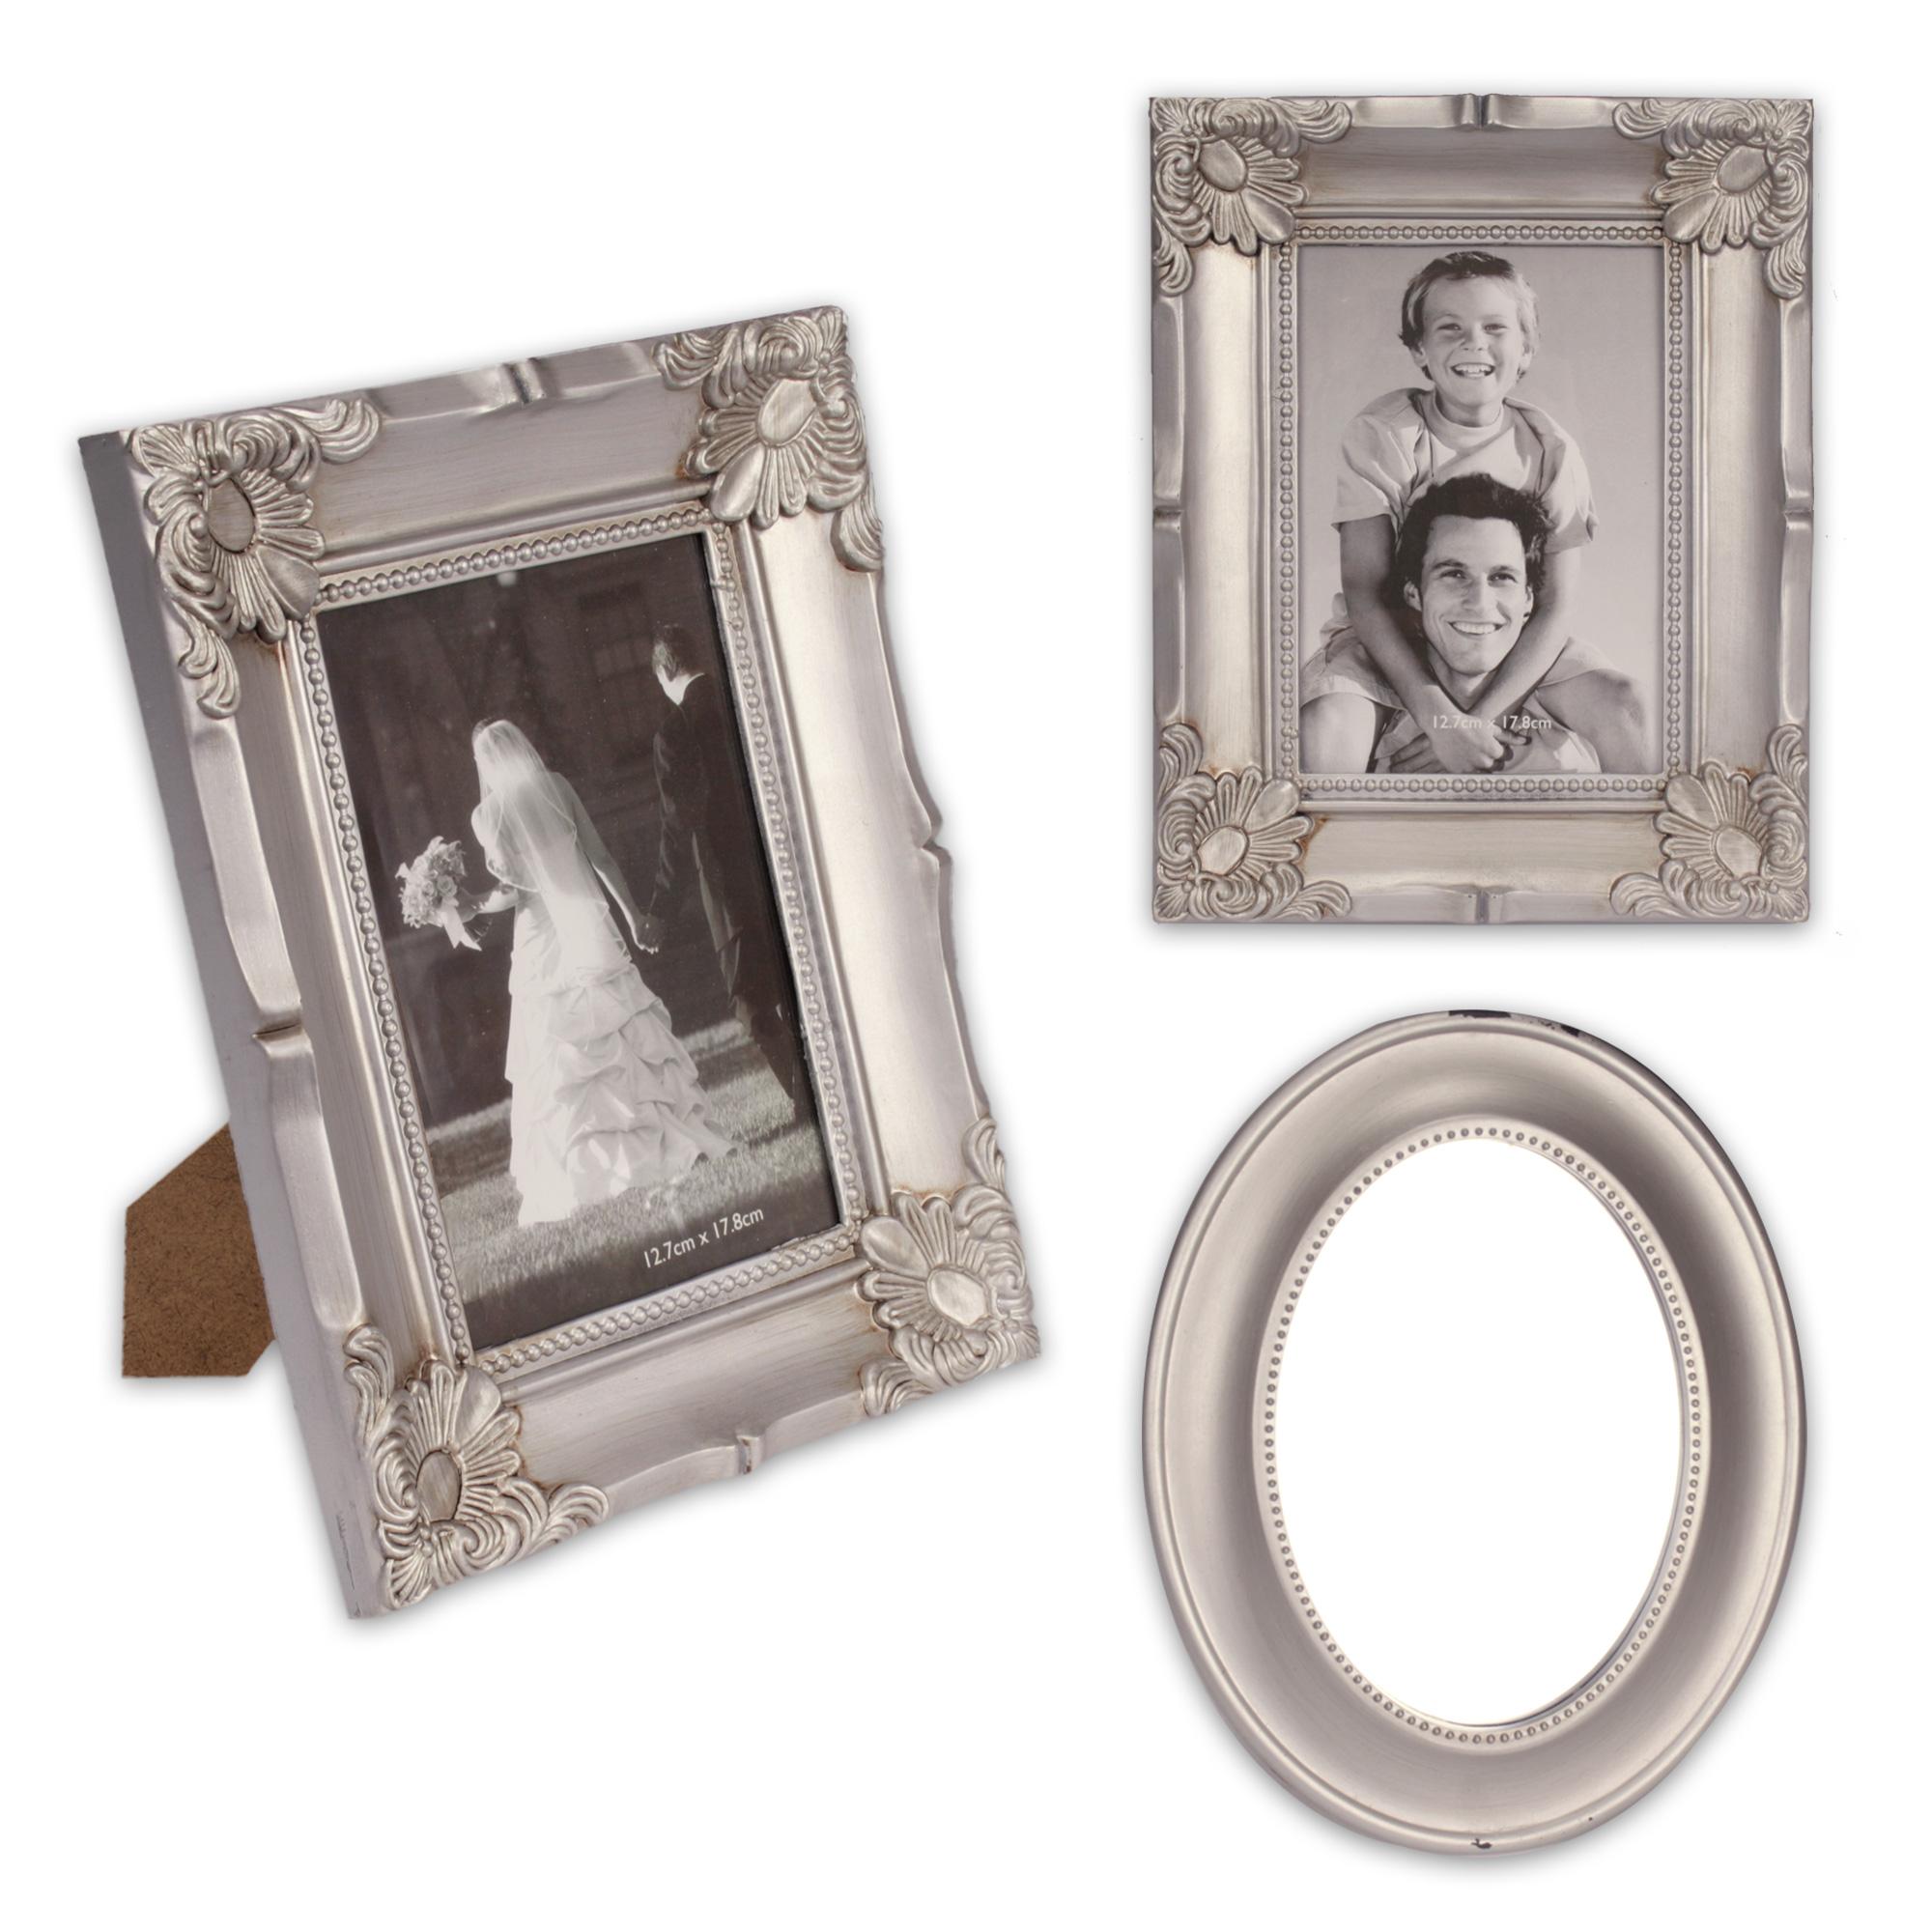 3teiliges bilderrahmen spiegel set aus kunststoff in. Black Bedroom Furniture Sets. Home Design Ideas